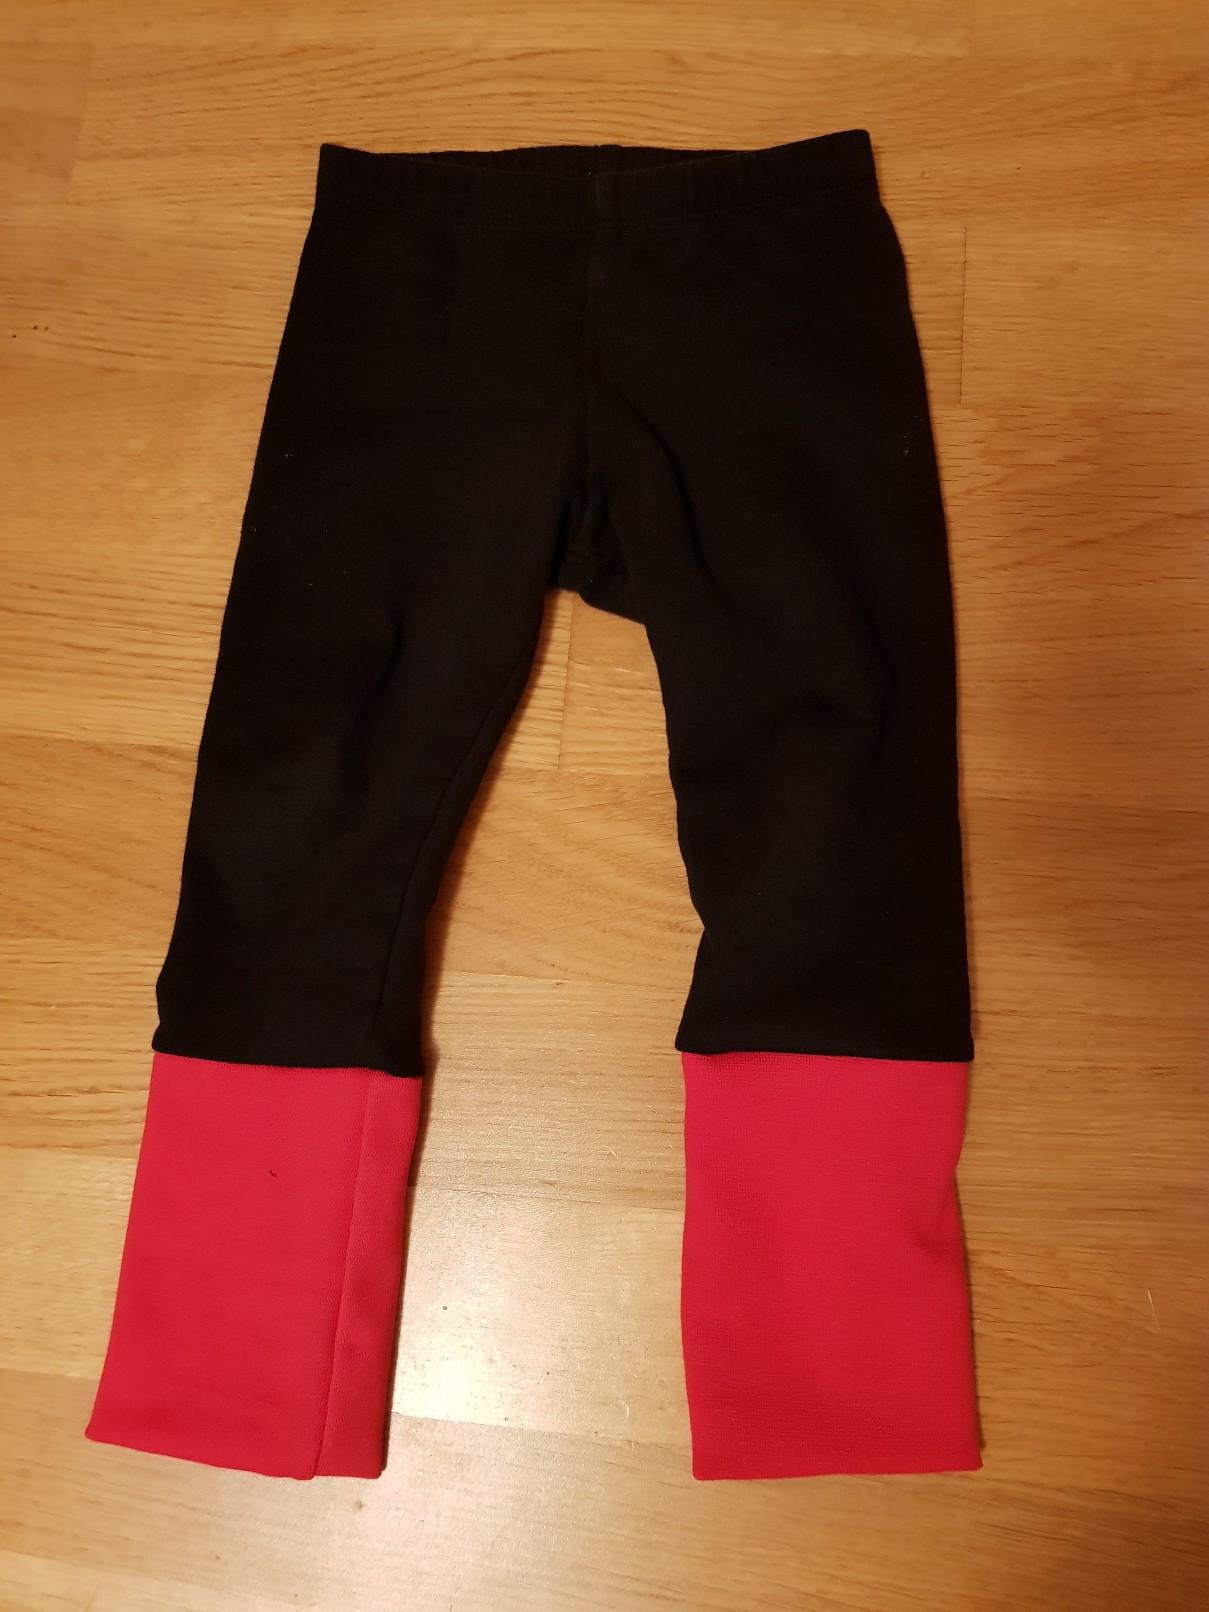 lengthened leggings